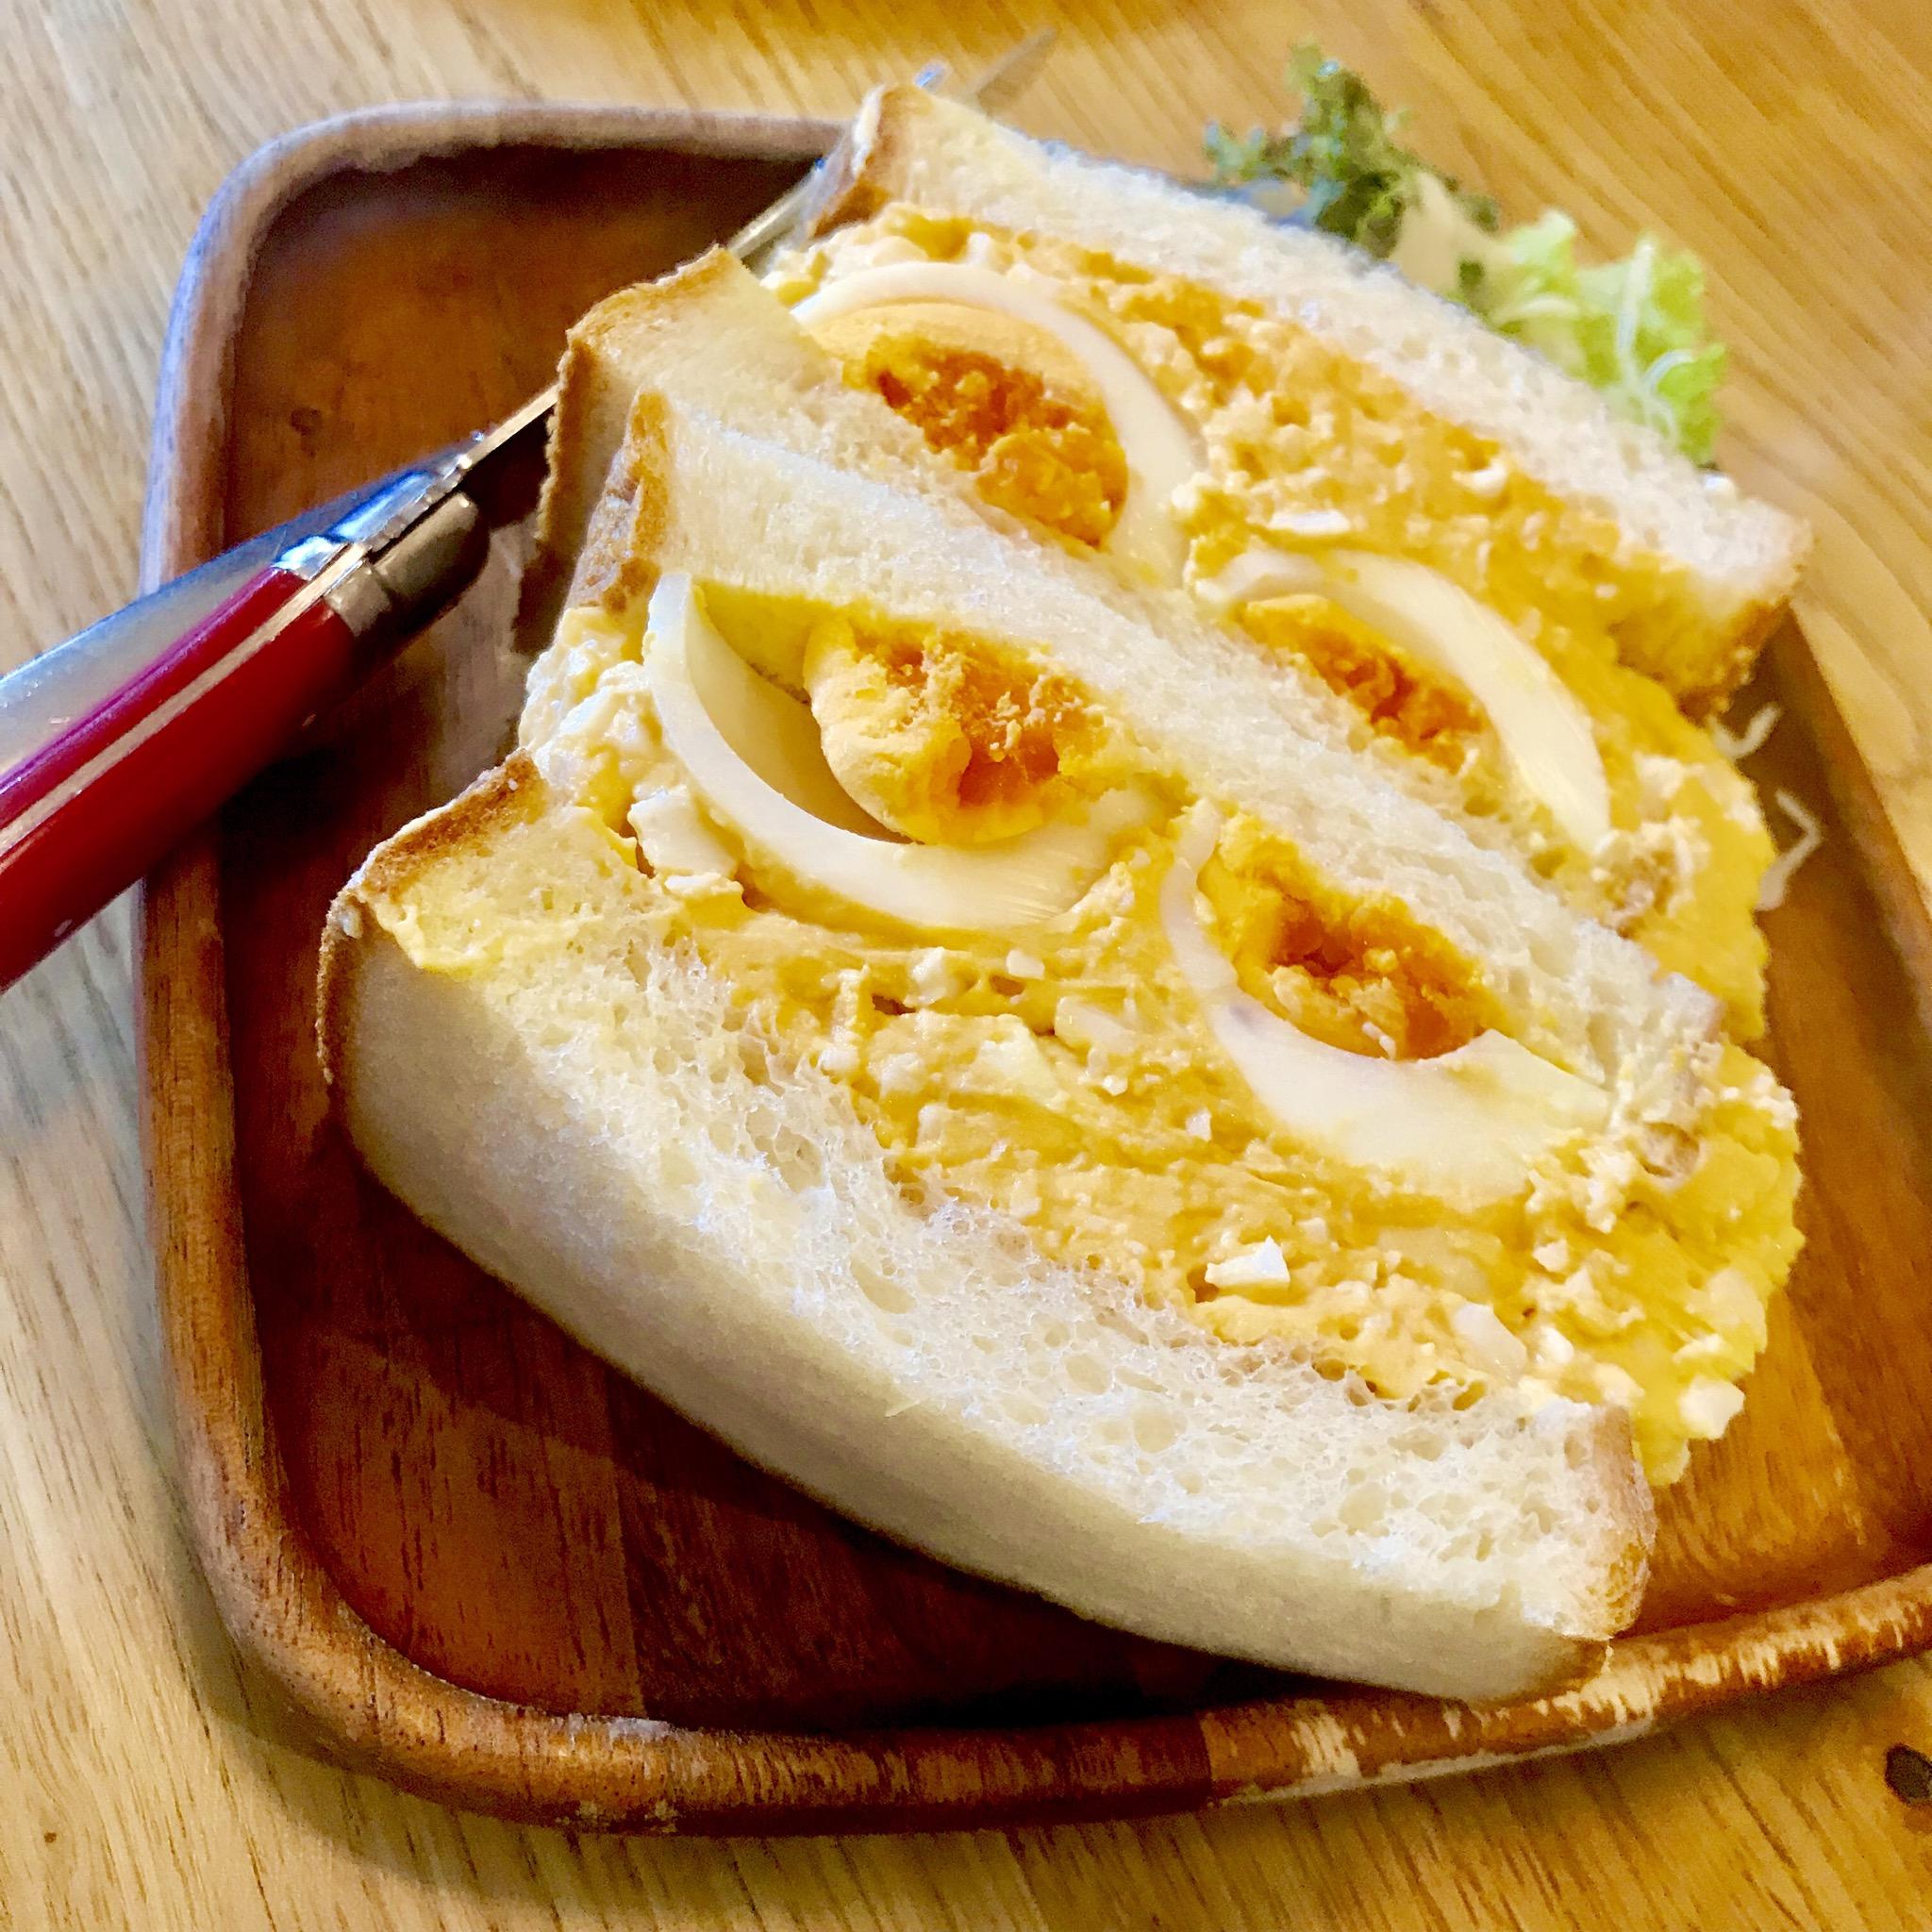 【オーダーチャンスは15分?!】俺のBakery&Cafeでふわもち食パン体験_2